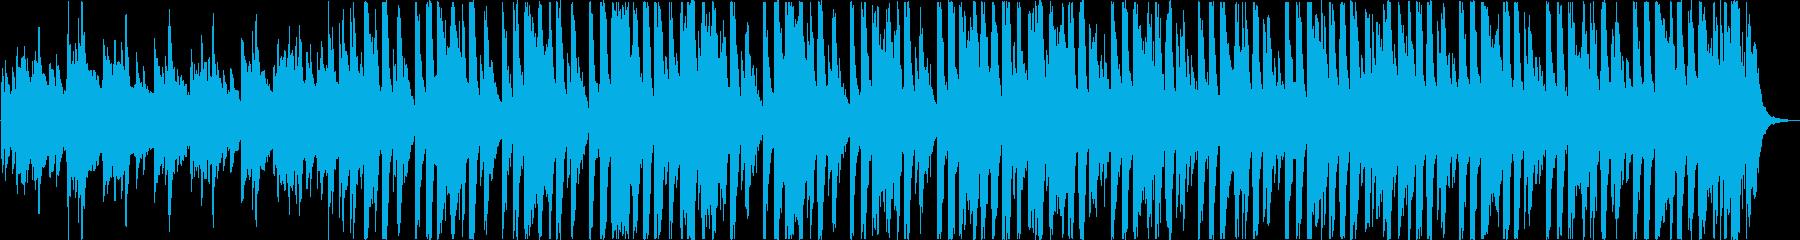 かわいいレトロ軽快エレクトロポップbの再生済みの波形